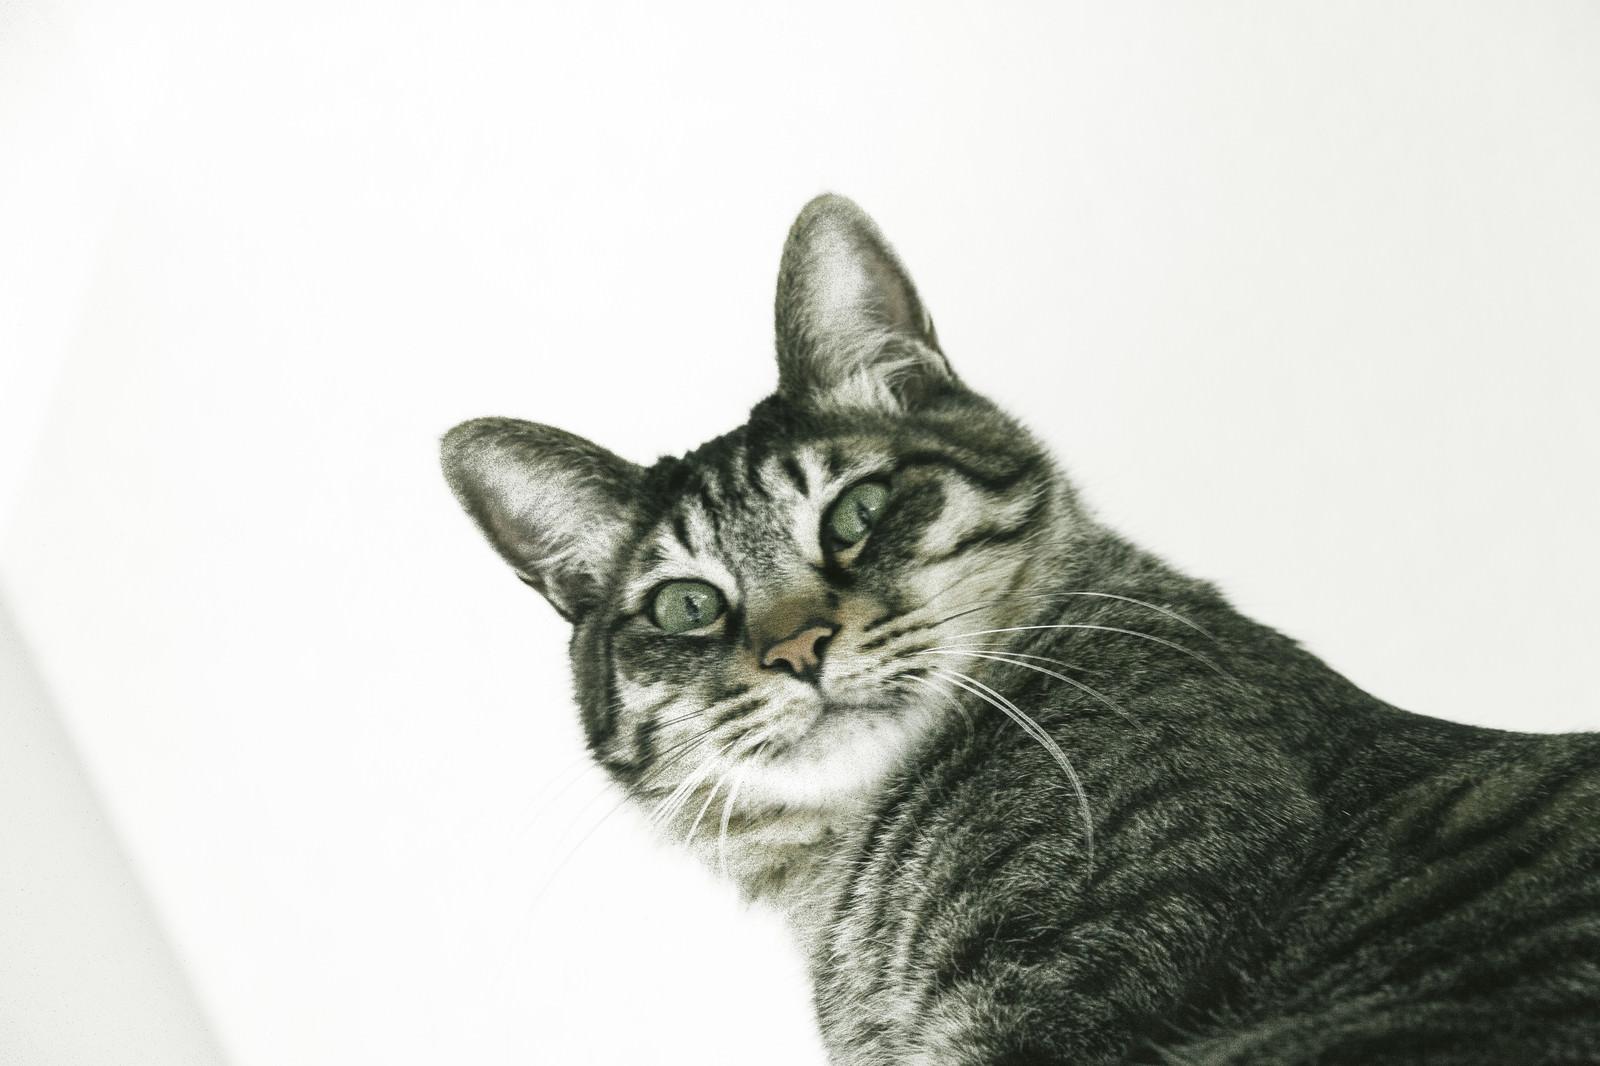 「振り返りを激写猫振り返りを激写猫」のフリー写真素材を拡大